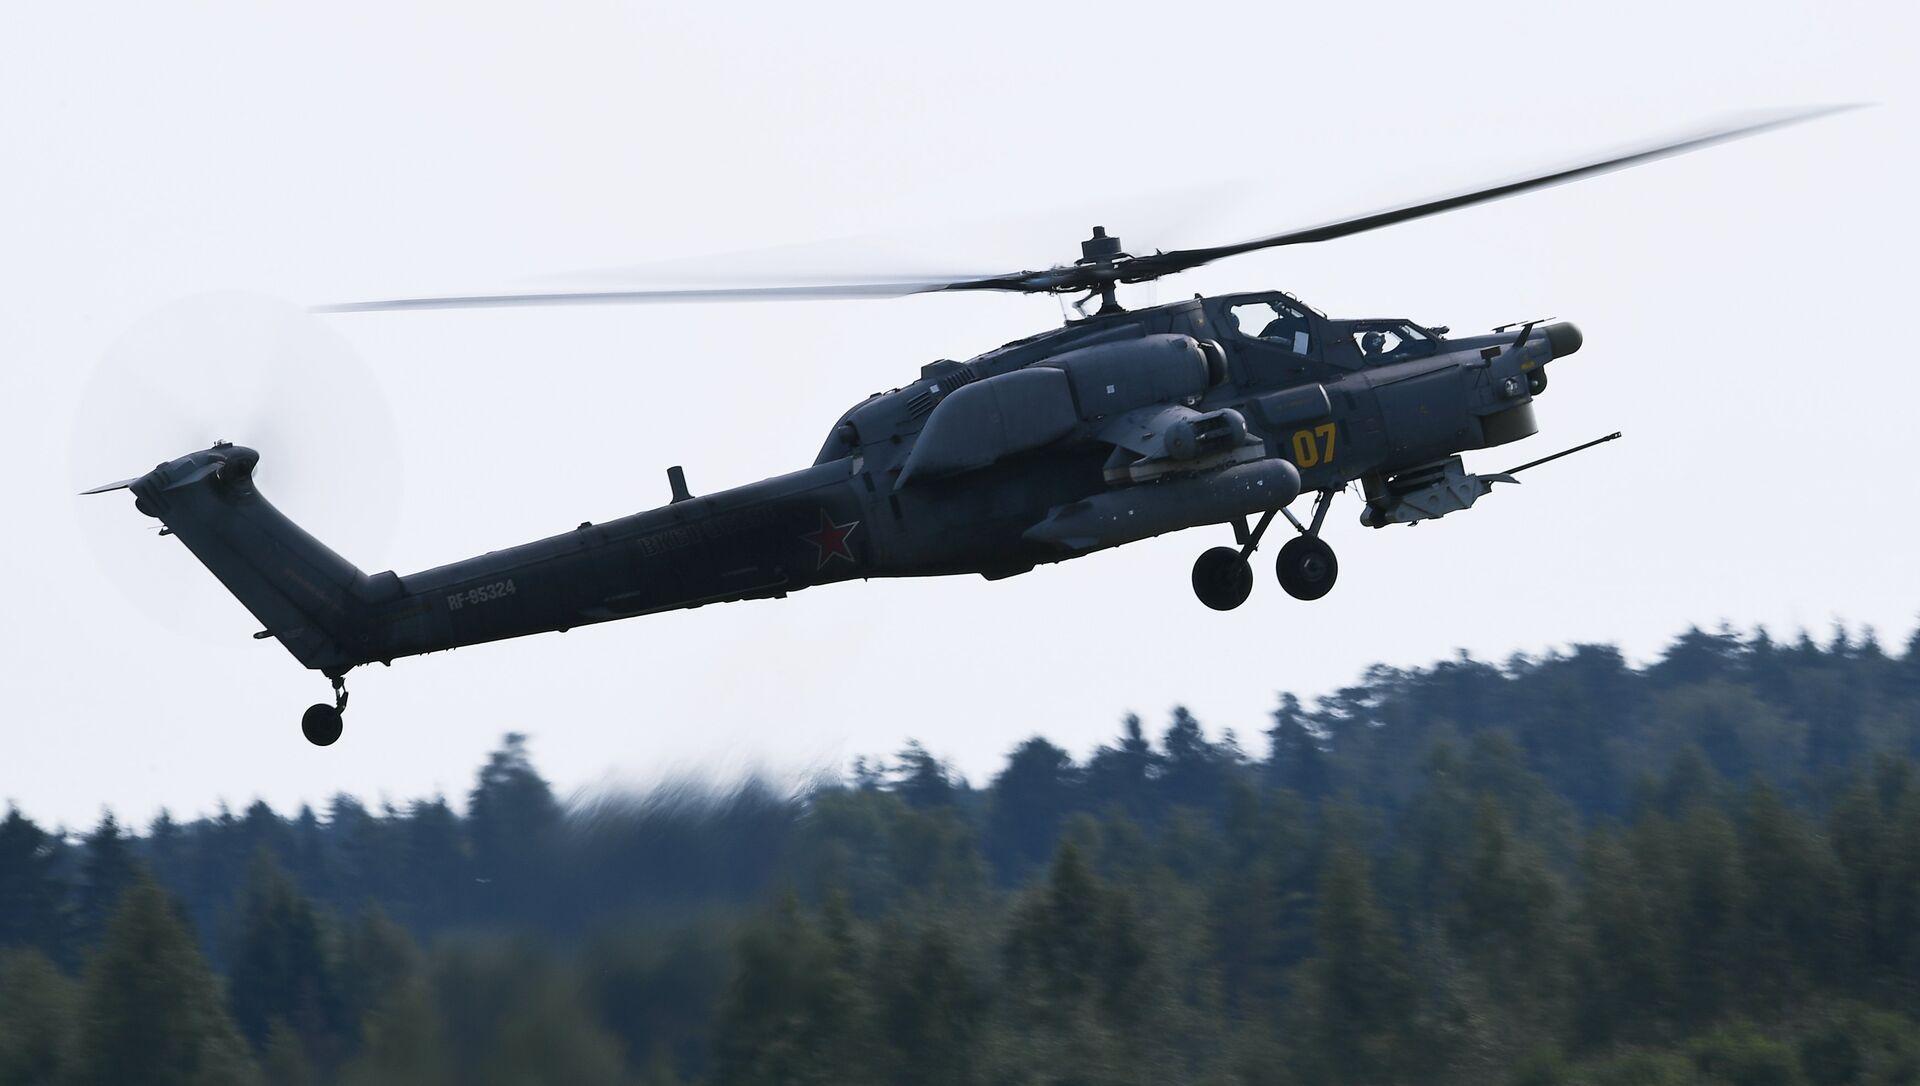 Helicóptero de ataque Mi-28N Cazador Nocturno, foto archivo - Sputnik Mundo, 1920, 25.12.2018